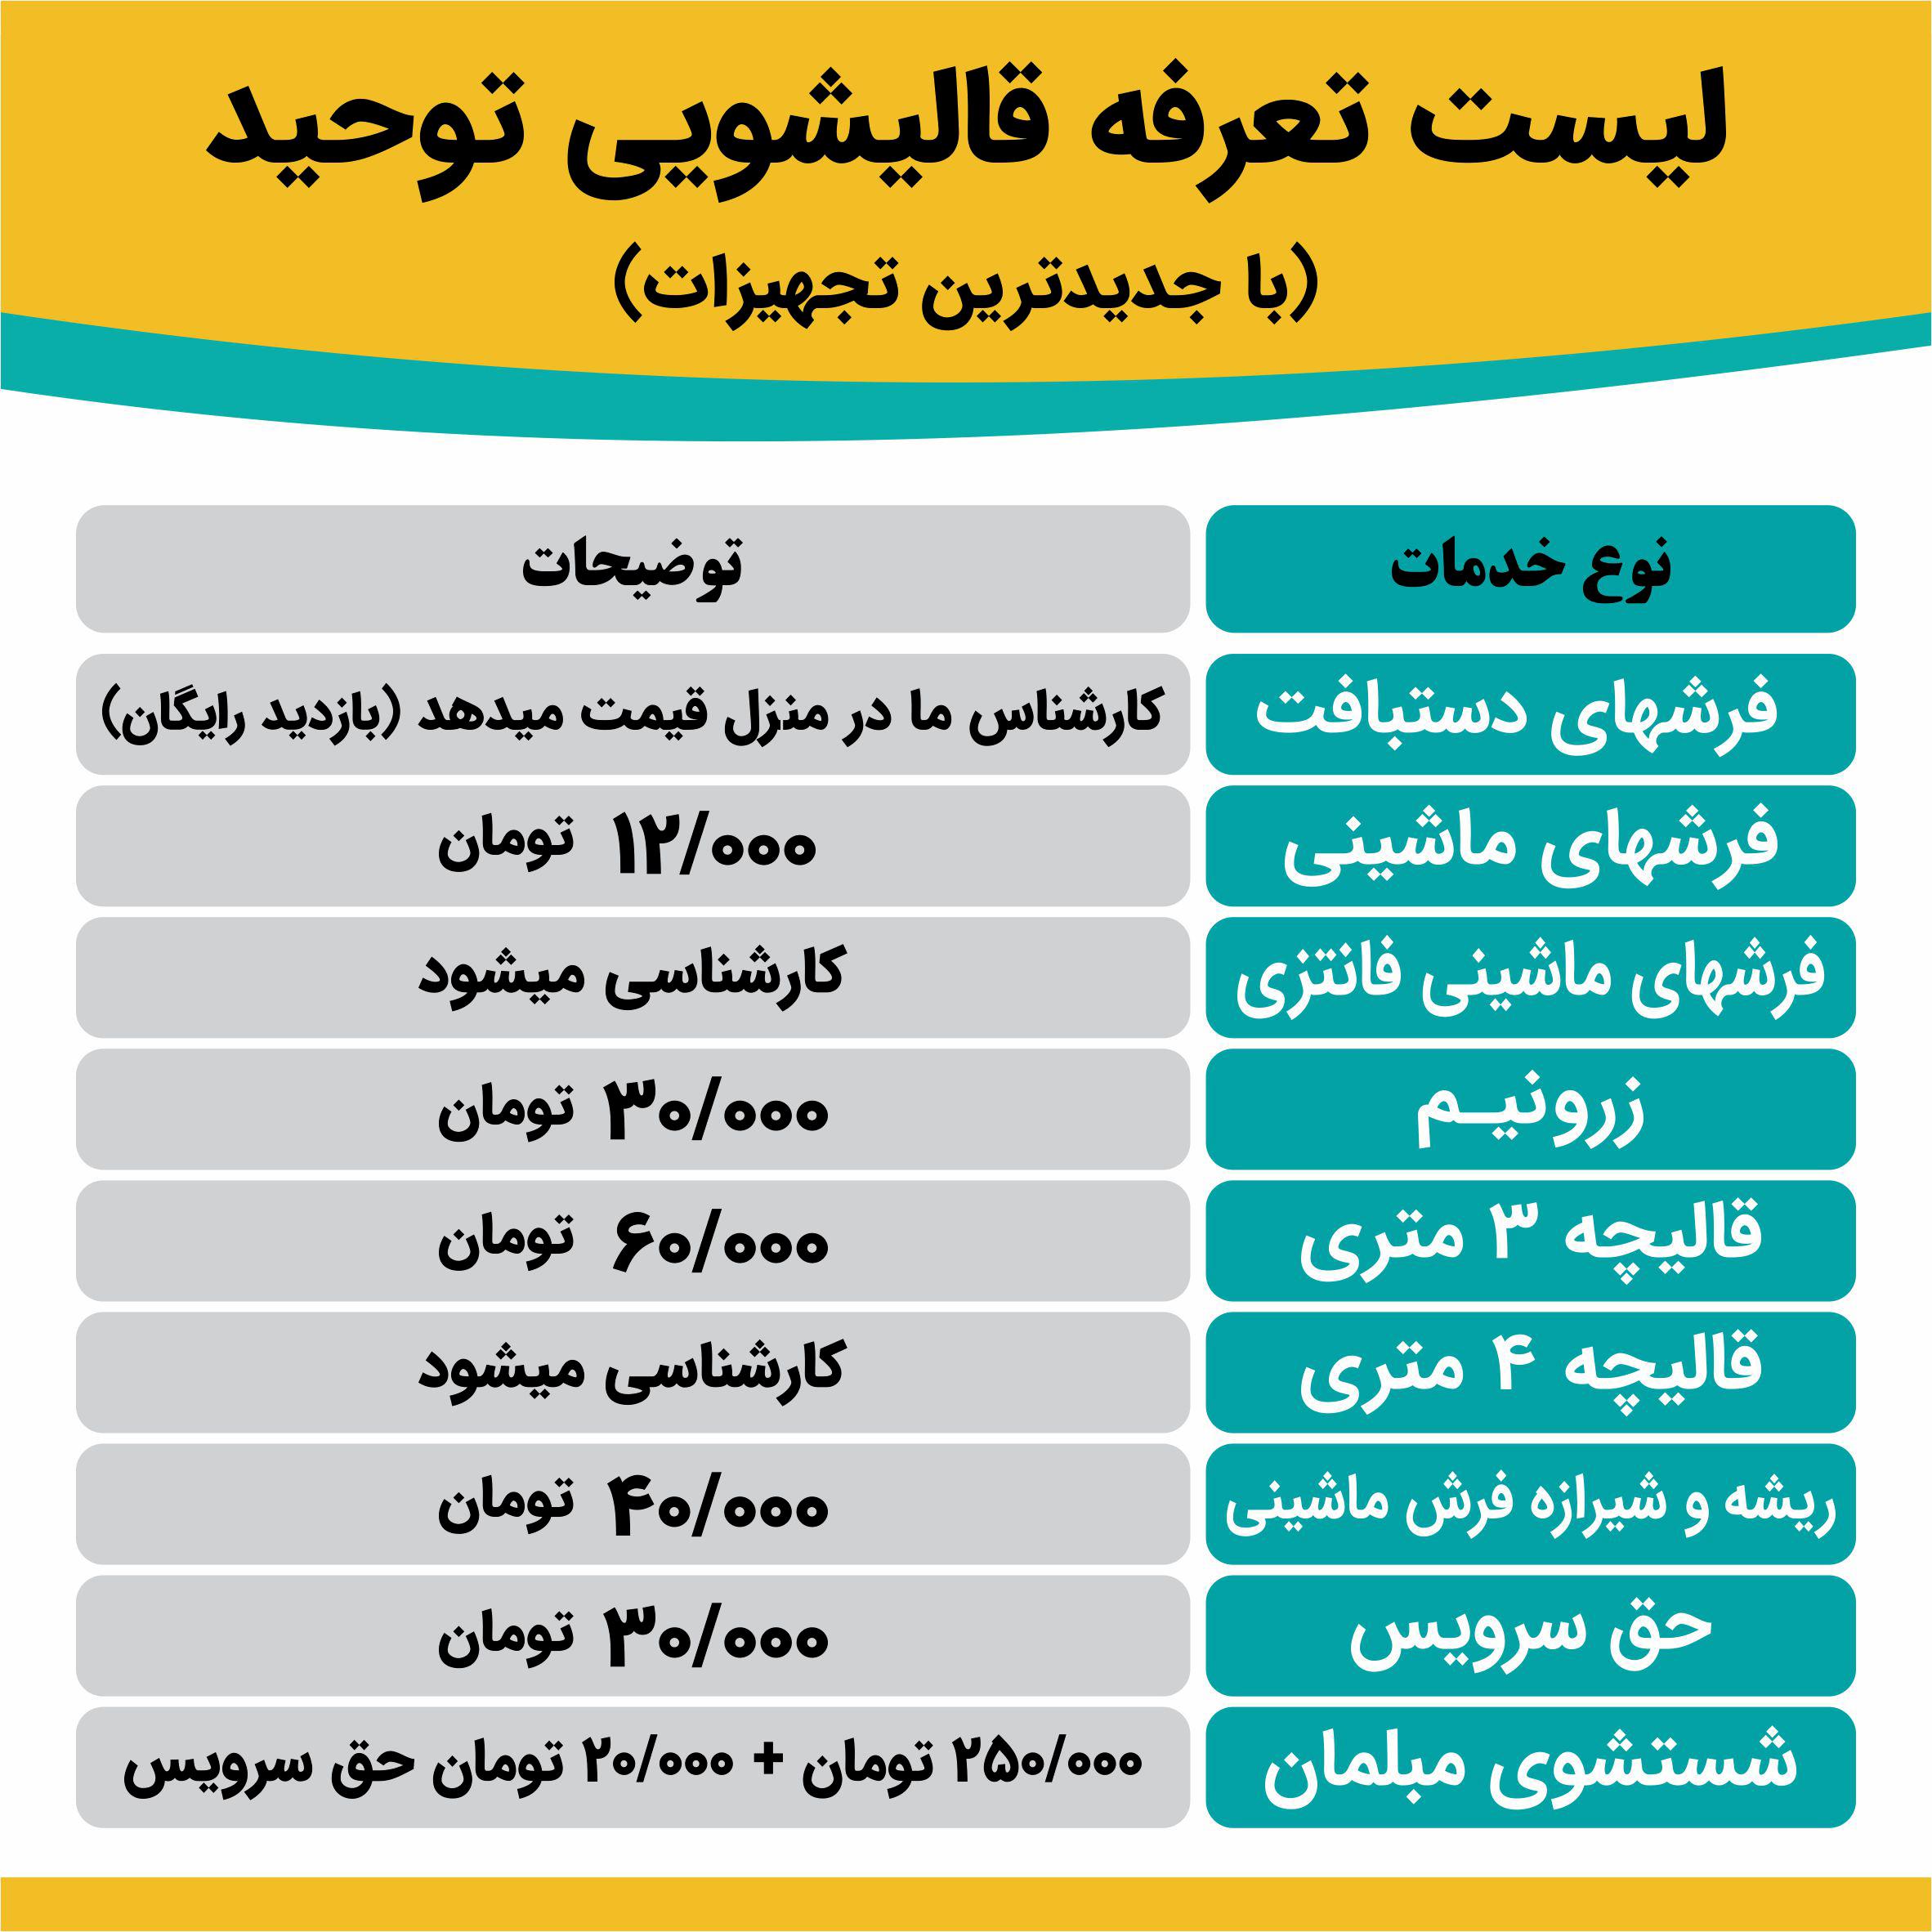 لیست قیمت خدمات قالیشویی توحید